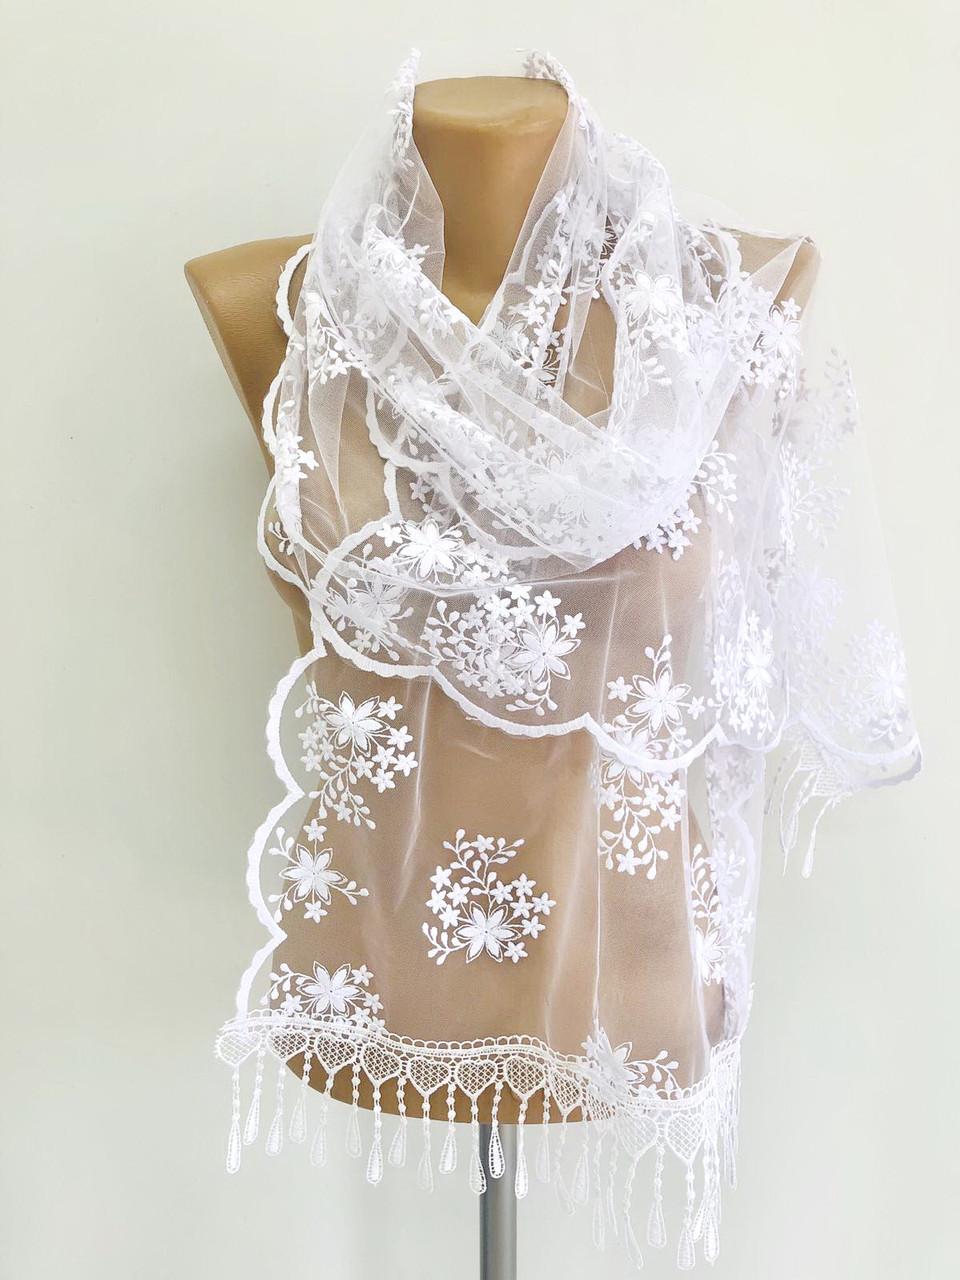 Шарф белый ажурный фатиновый свадебный церковный 150032